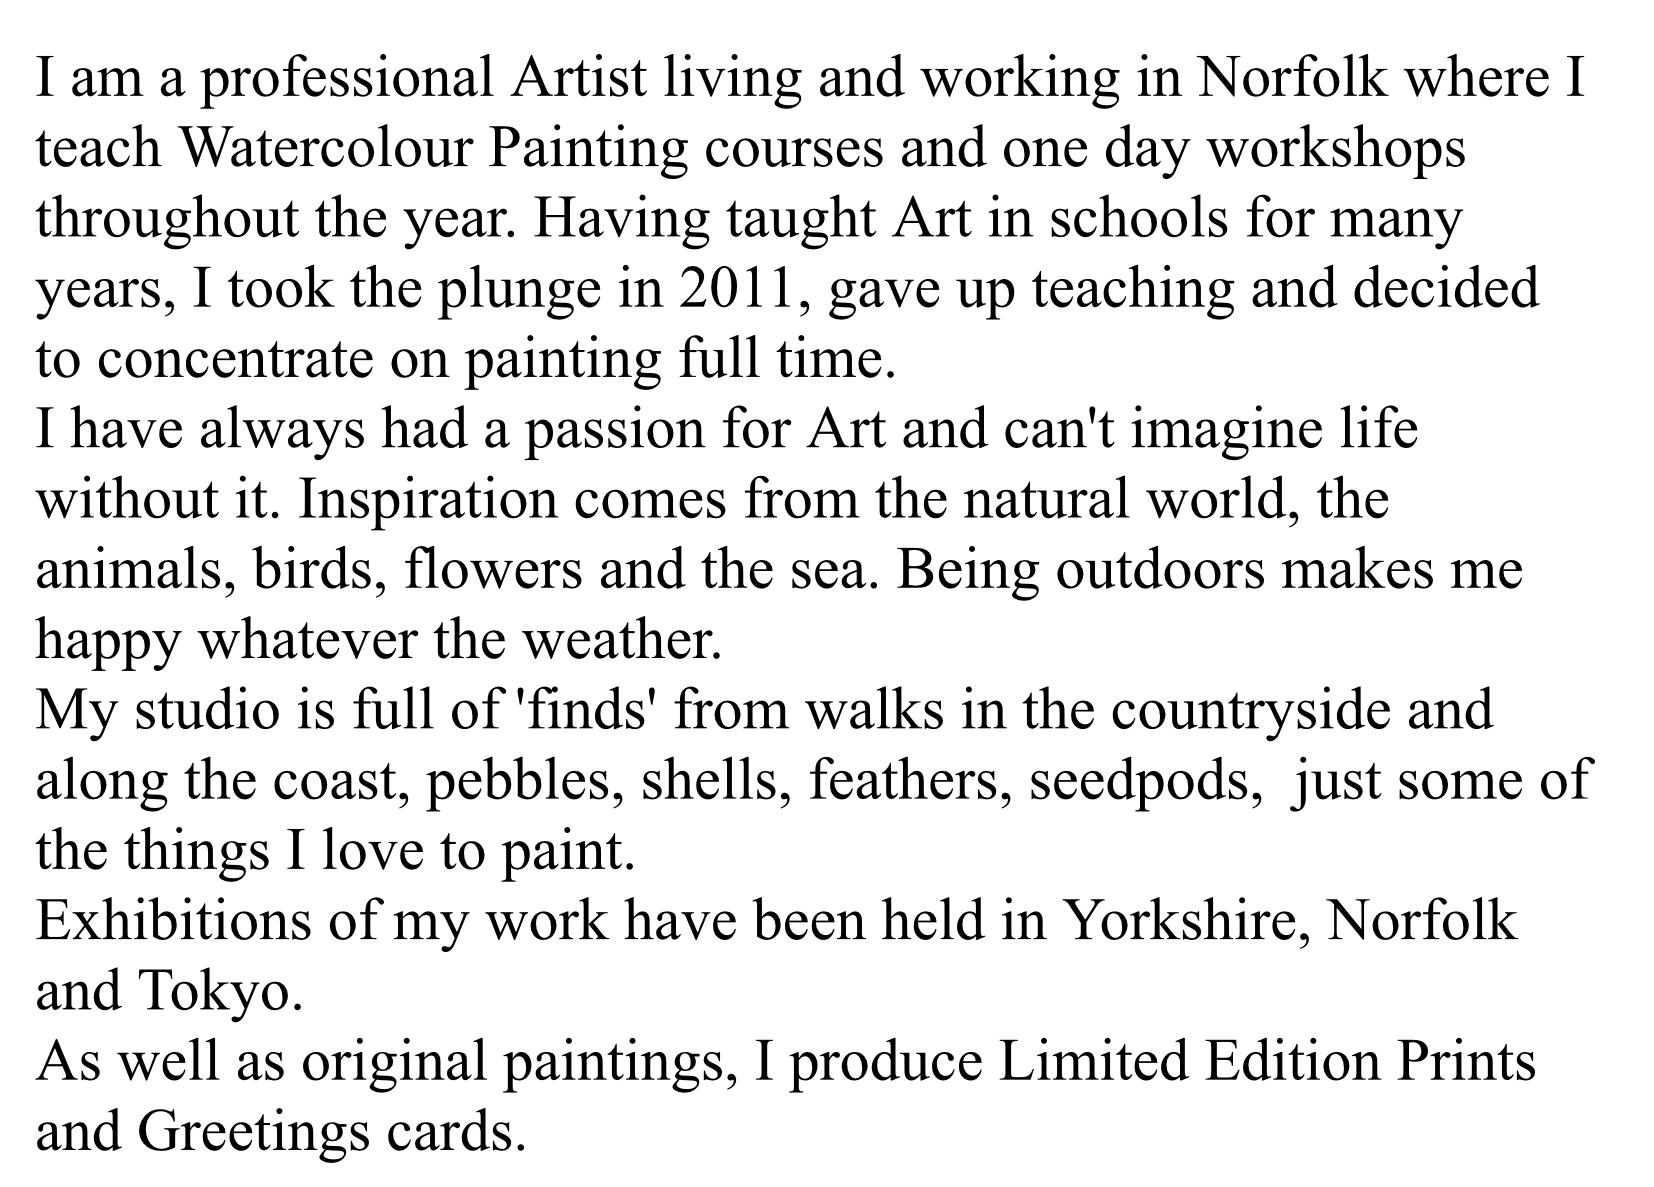 Artist's Statement